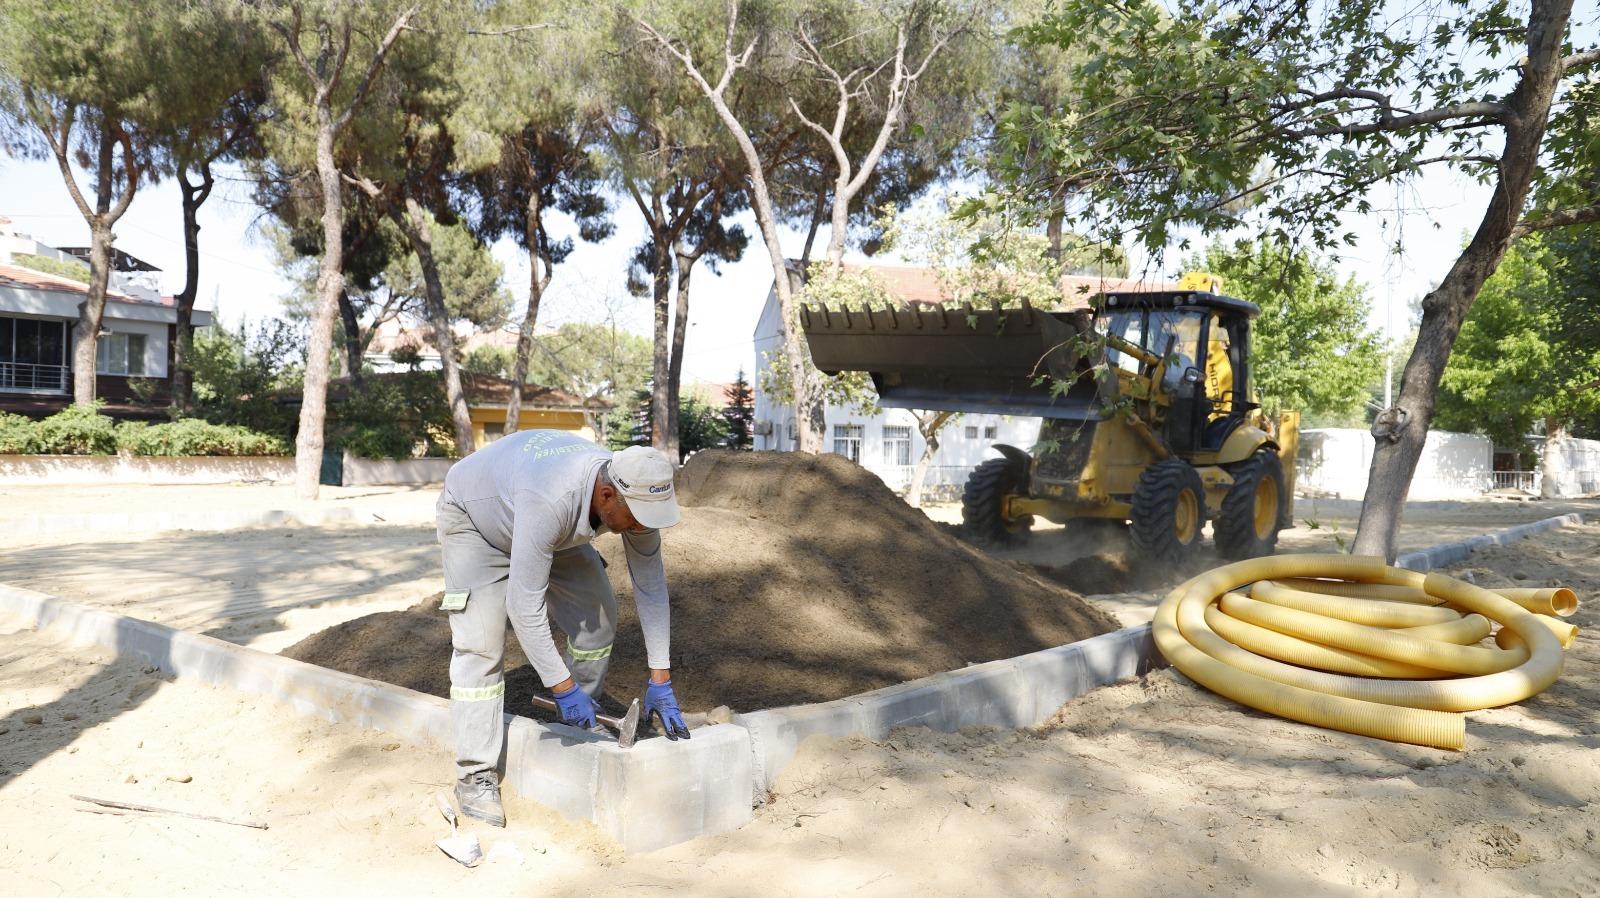 Belediye ekiplerimiz Alaşehir Kongresi Çamlık Parkında çalışmalarını aralıksız sürdürüyor.